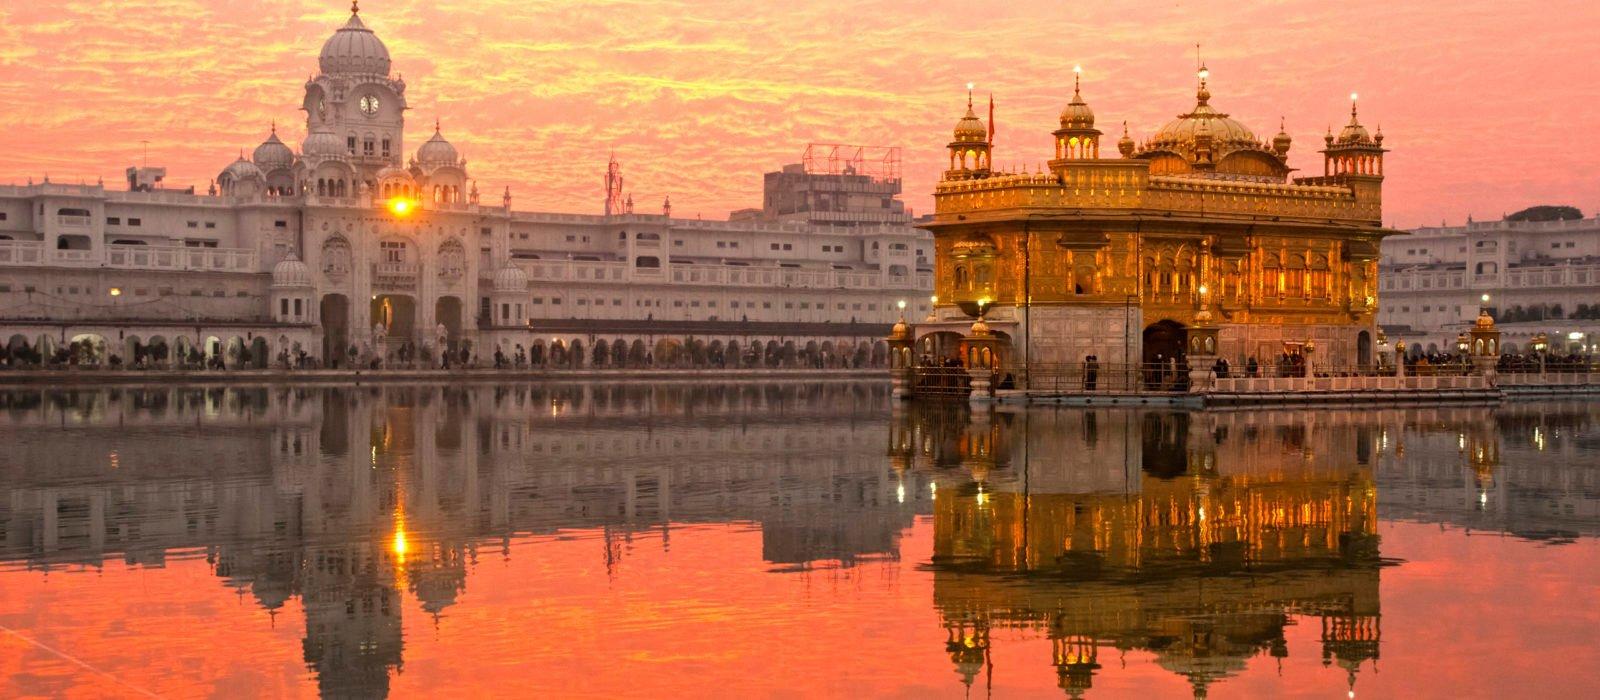 sunset-golden-temple-amritsar-india